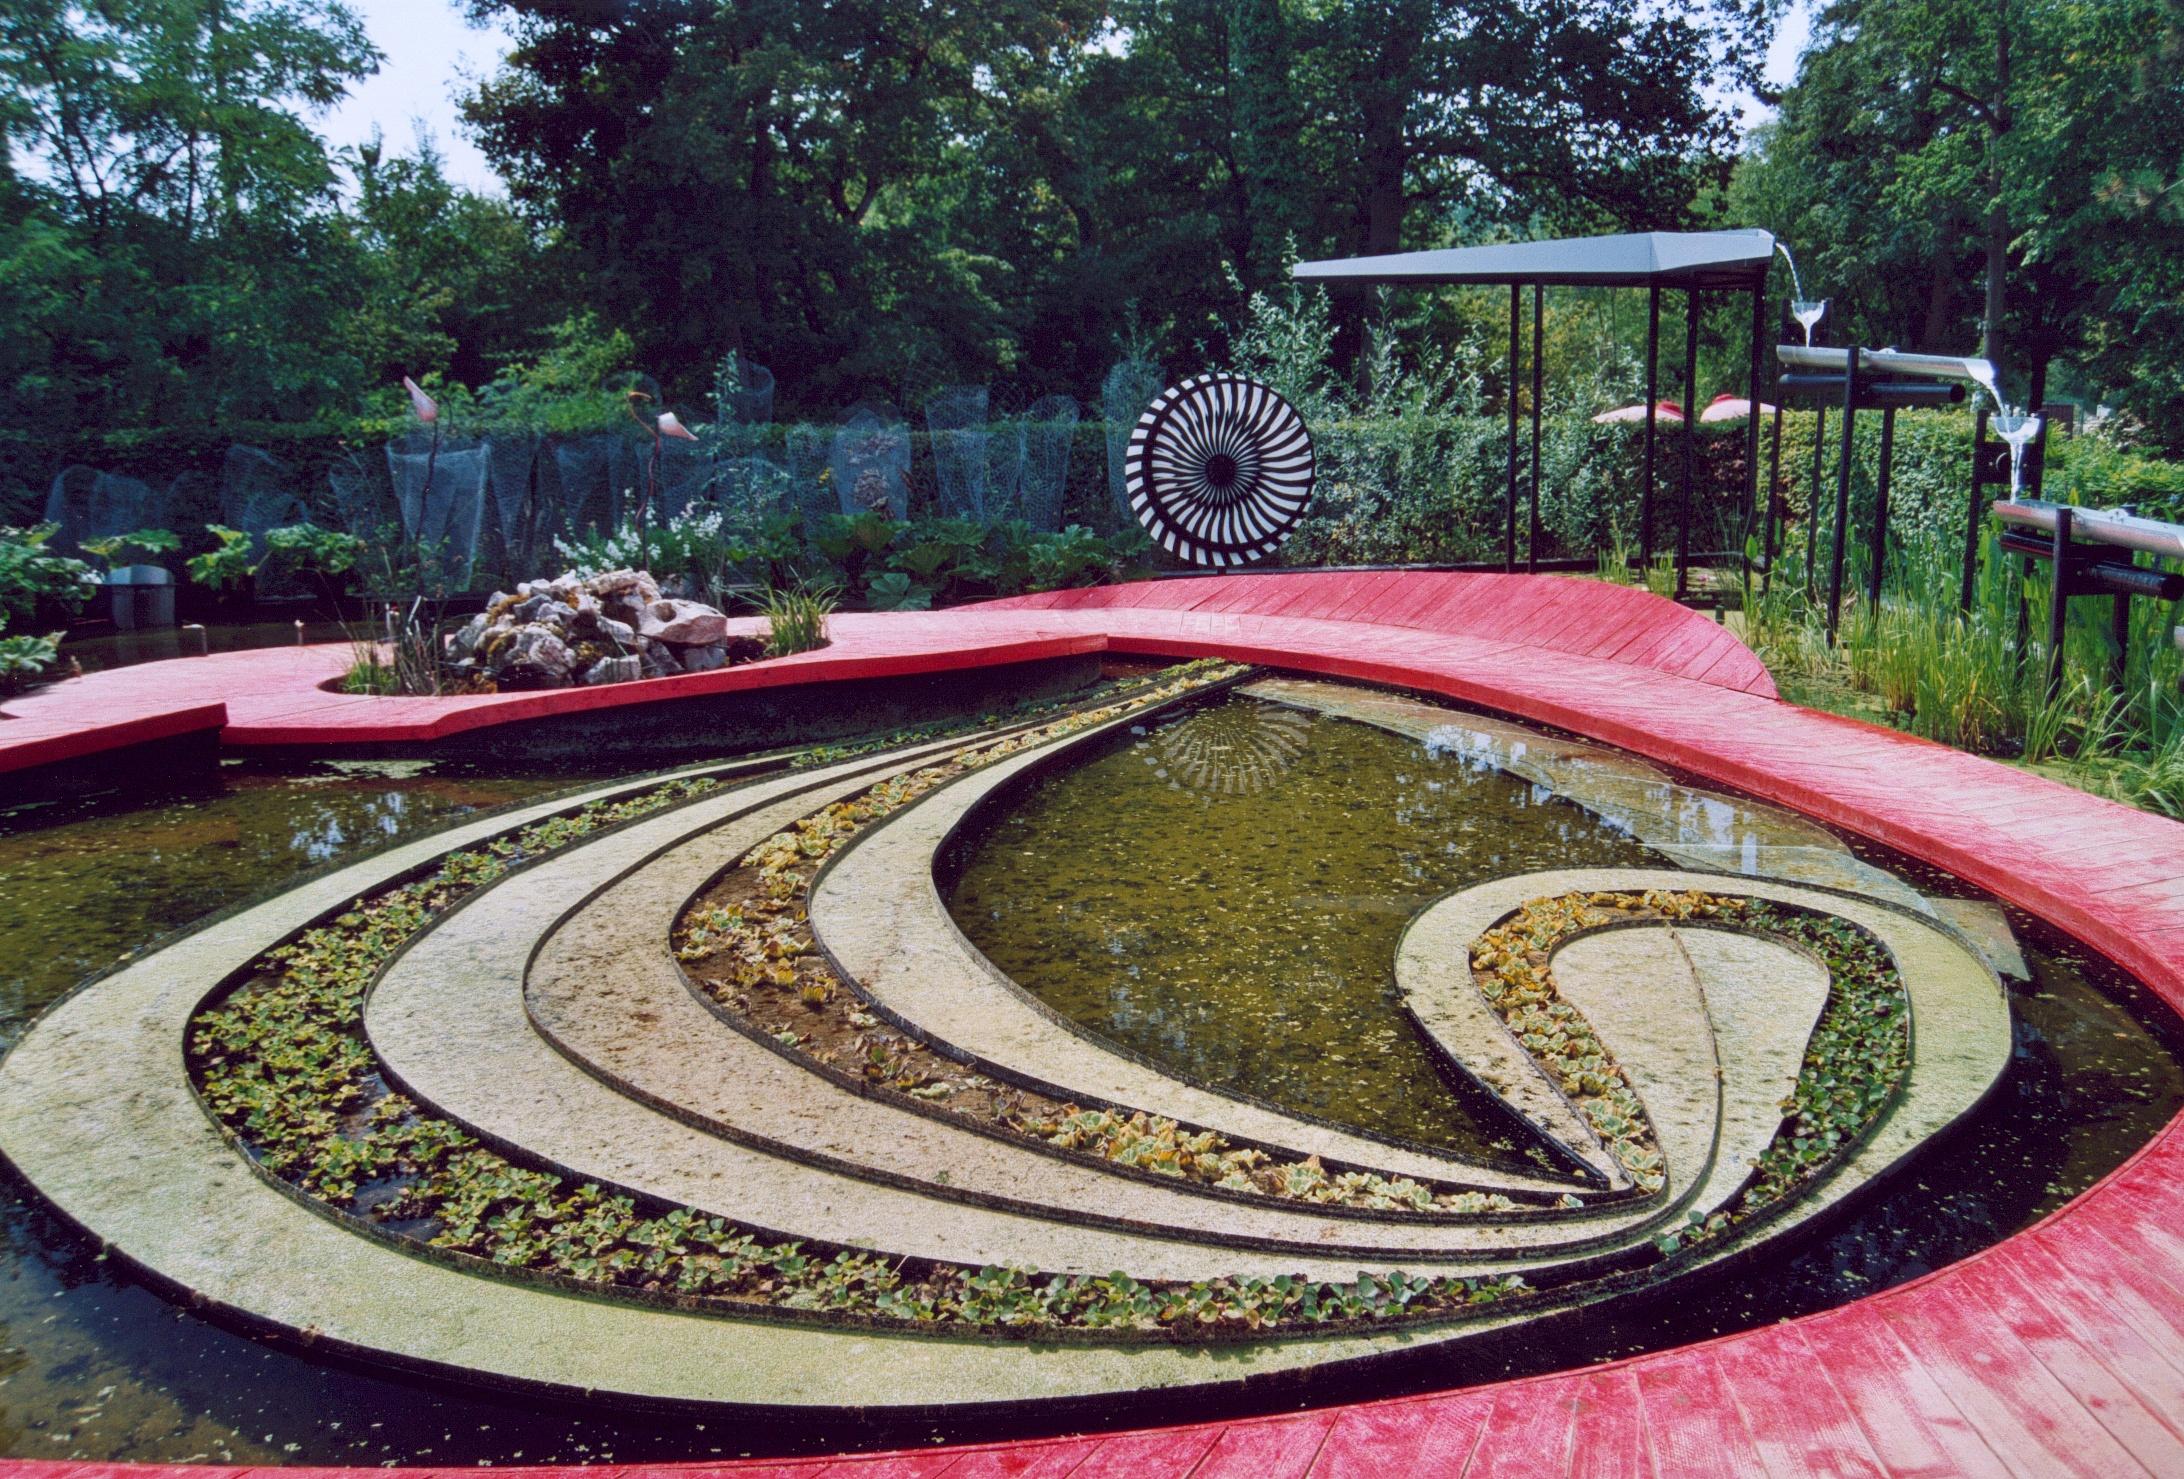 file france loir et cher festival jardins chaumont sur loire 06 la malediction d agamemnon 02. Black Bedroom Furniture Sets. Home Design Ideas